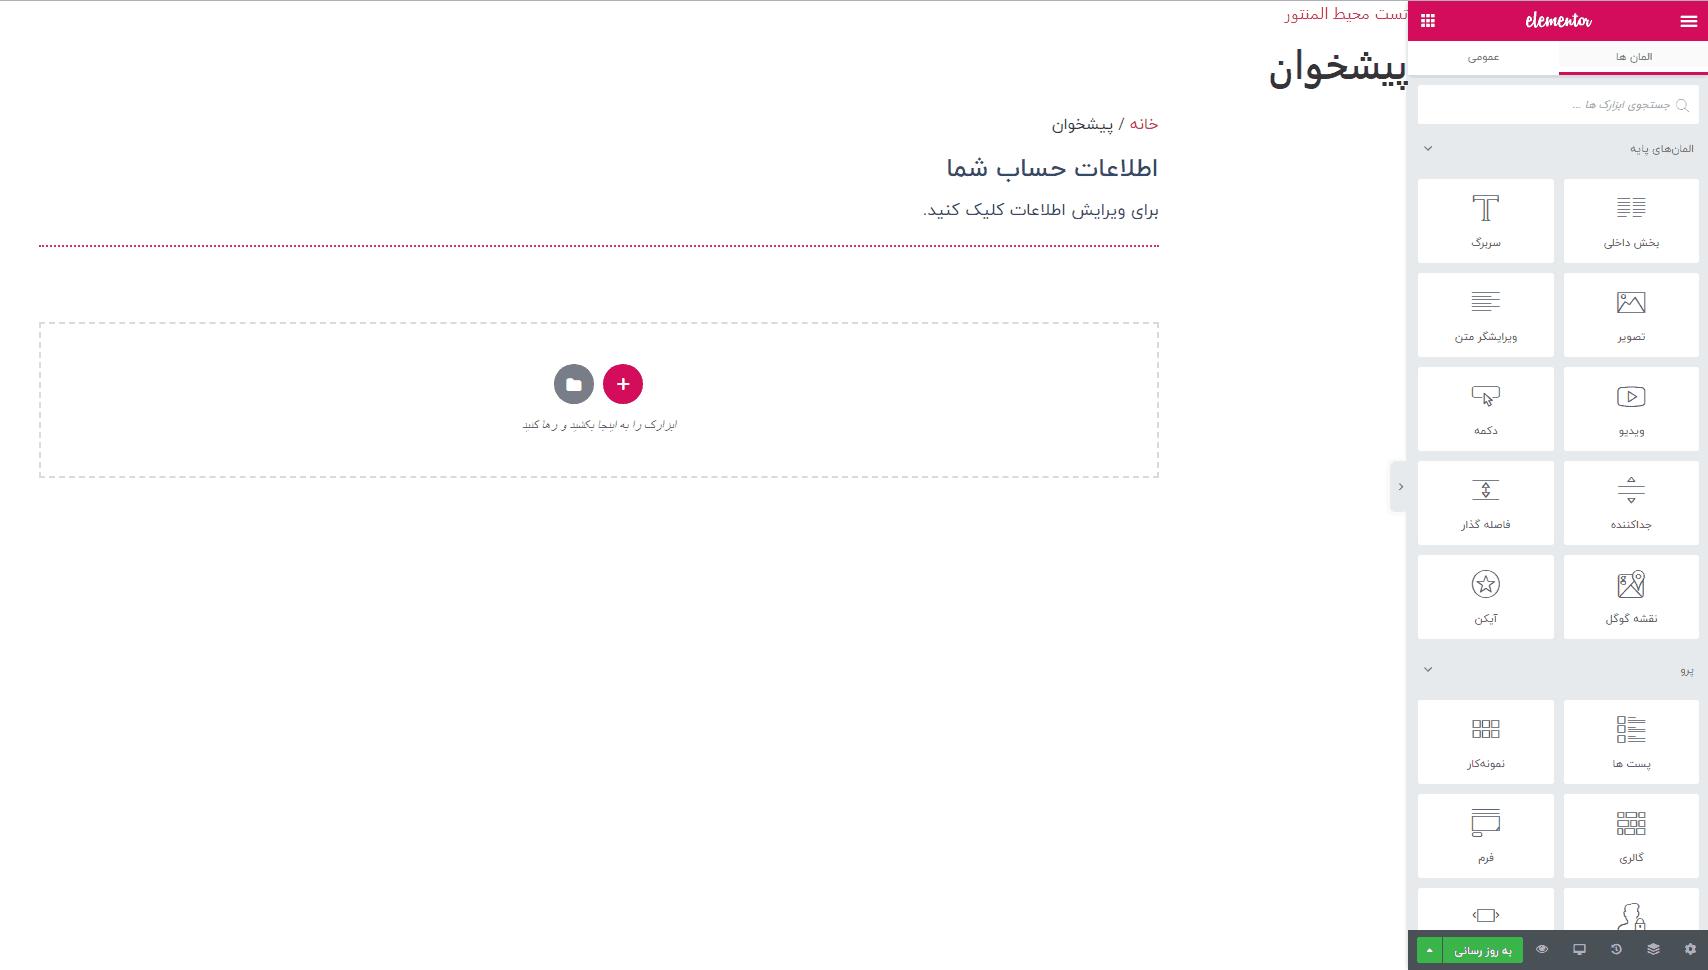 طراحی صفحه حساب کاربری ووکامرس